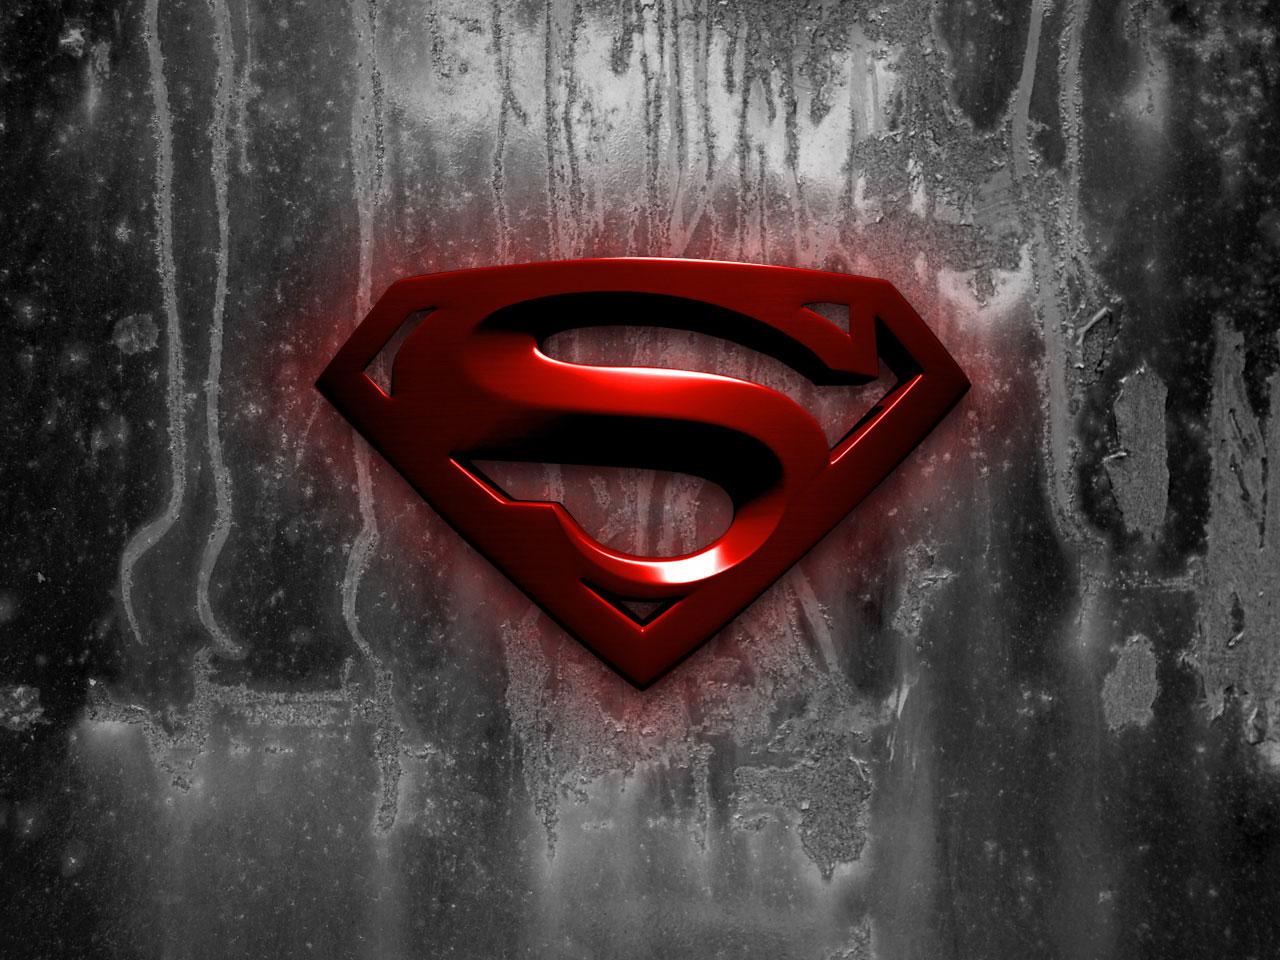 Superman symbol C